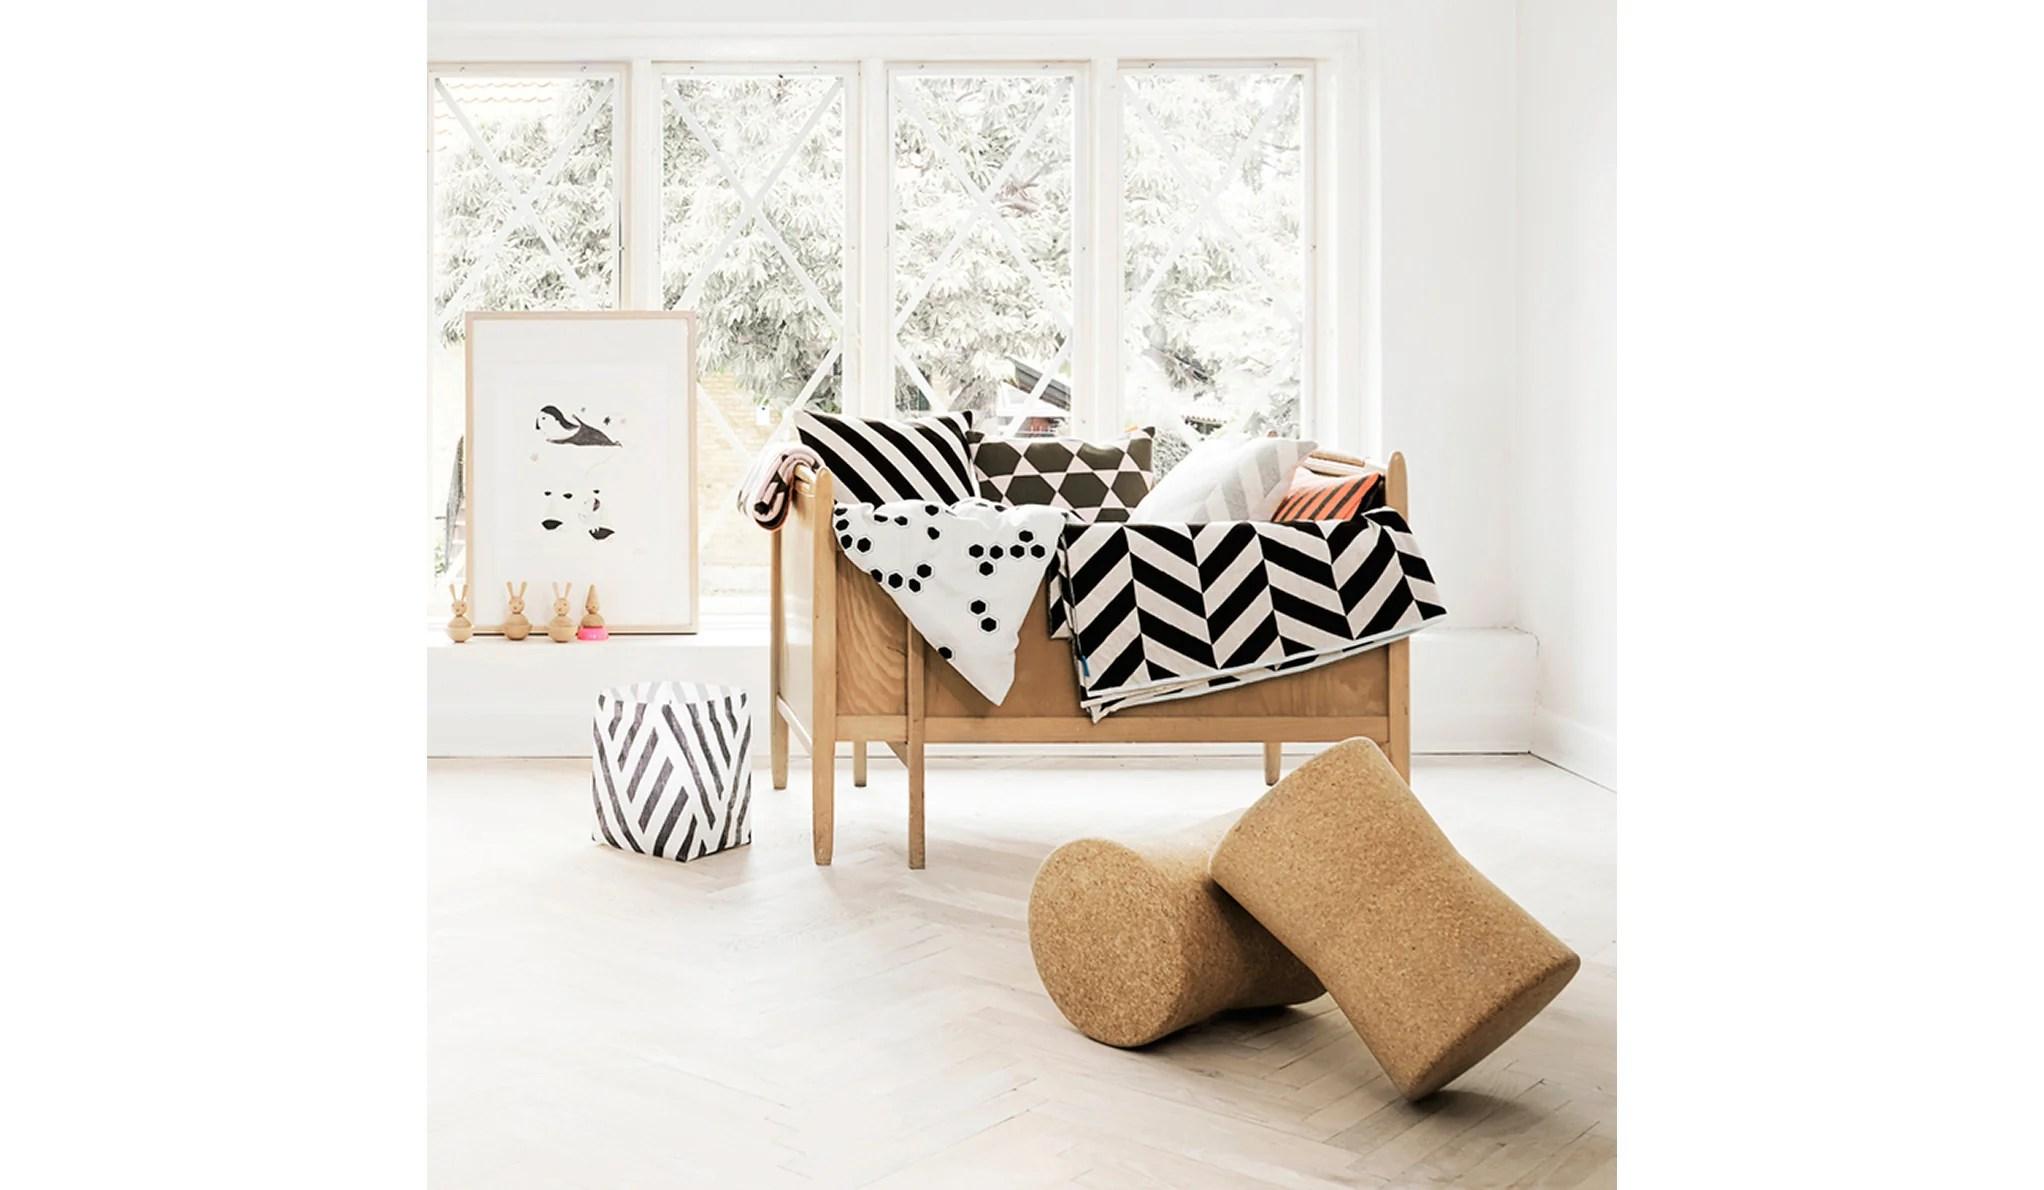 queen sofa beds perth cheap mini oyoy mumi plaid (white/choko brown/ice blue) - oopenspace